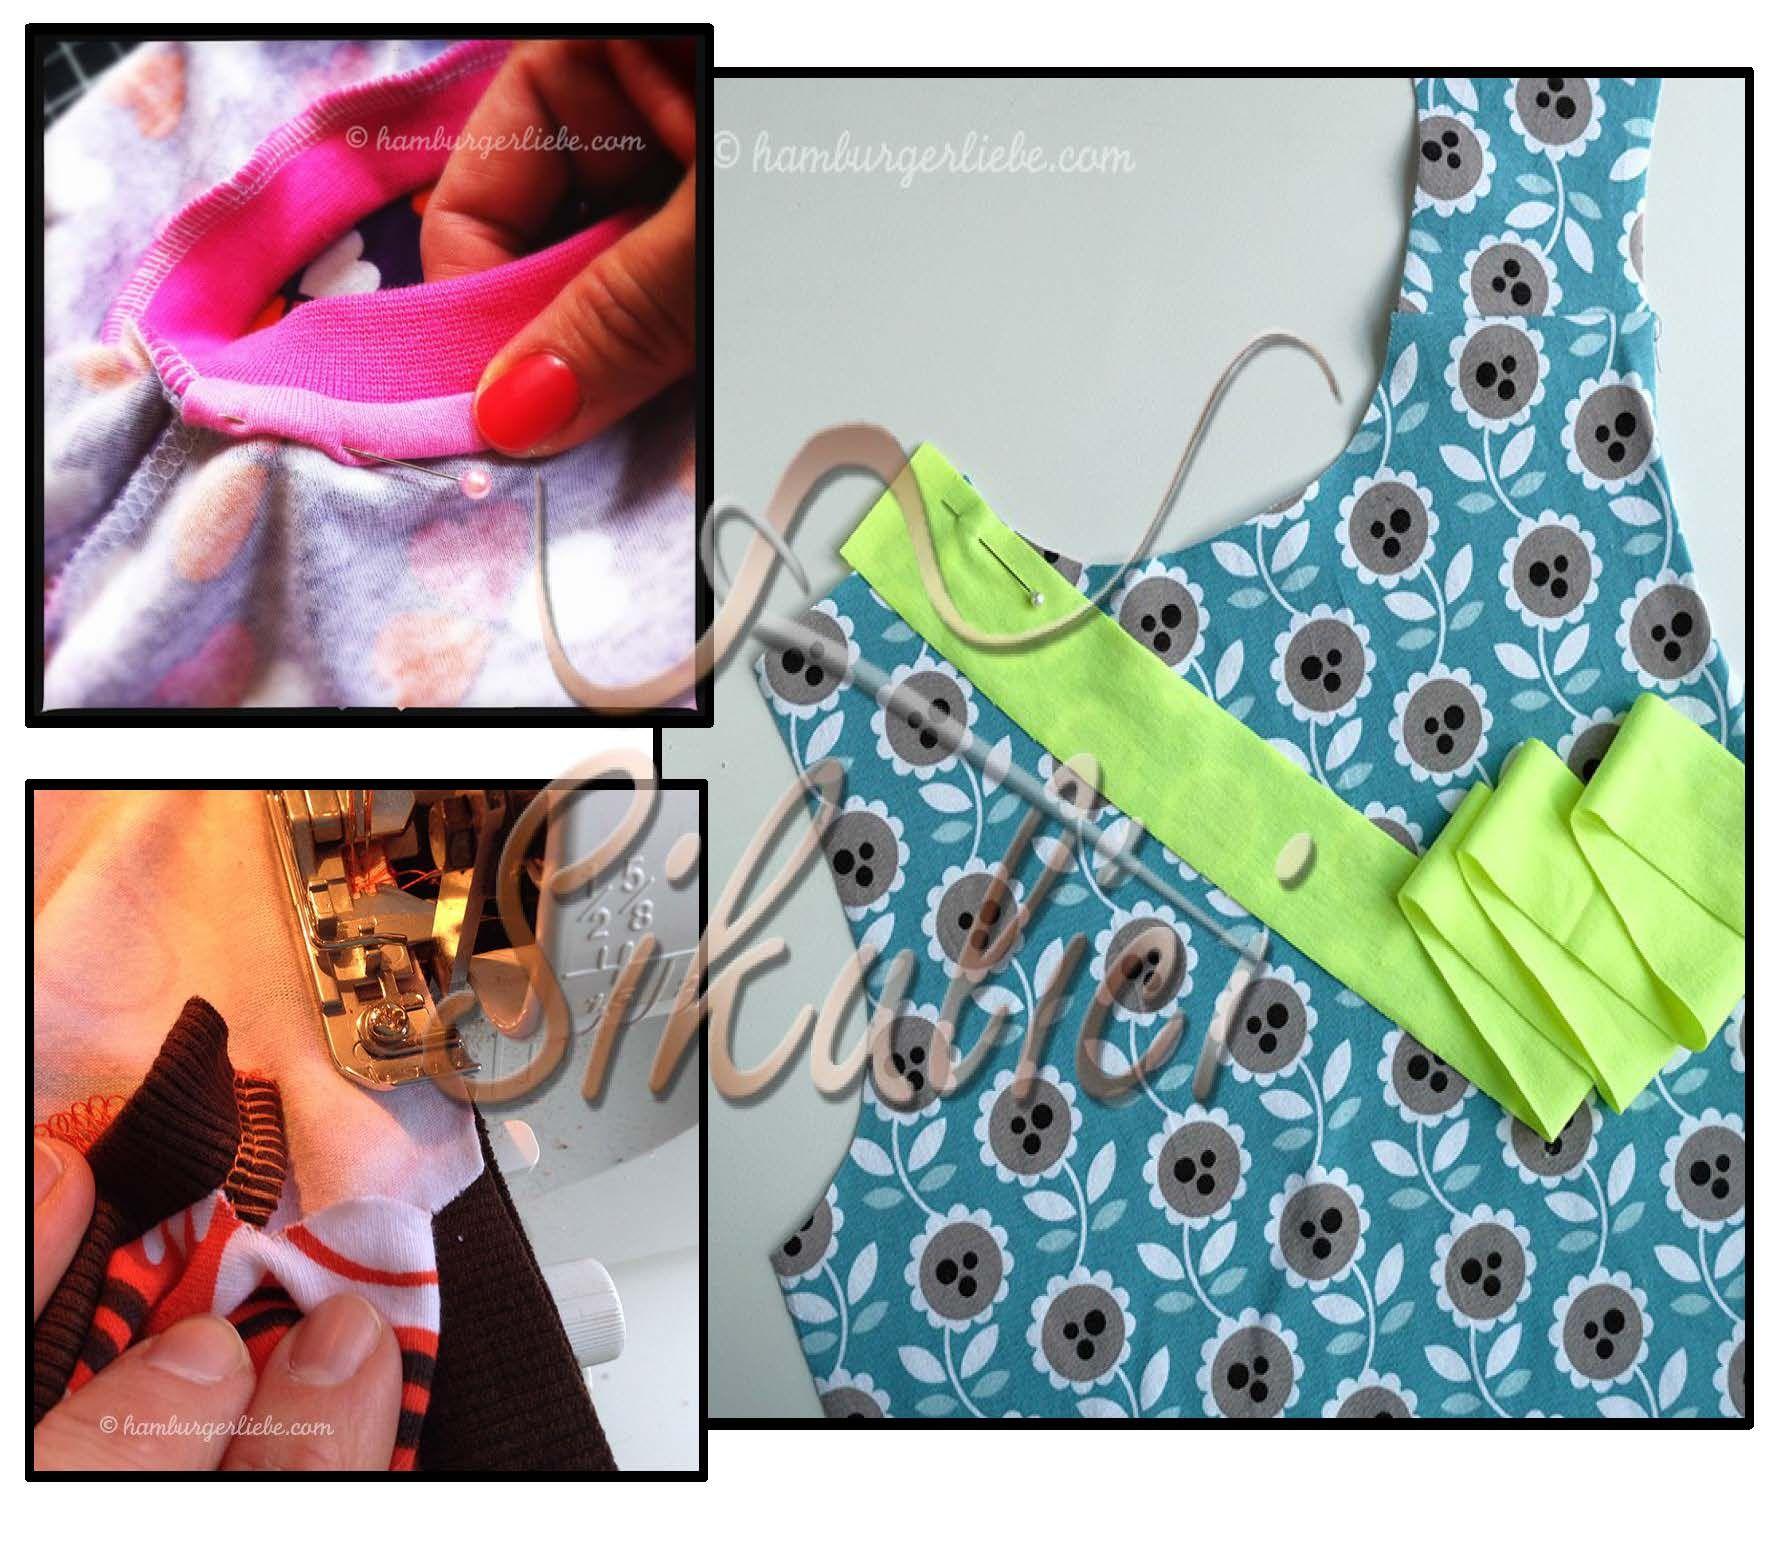 8a143bebde Základy šití - návody ke stažení zdarma Jednoduché šití Mnoho návodů na šití  pro děti i